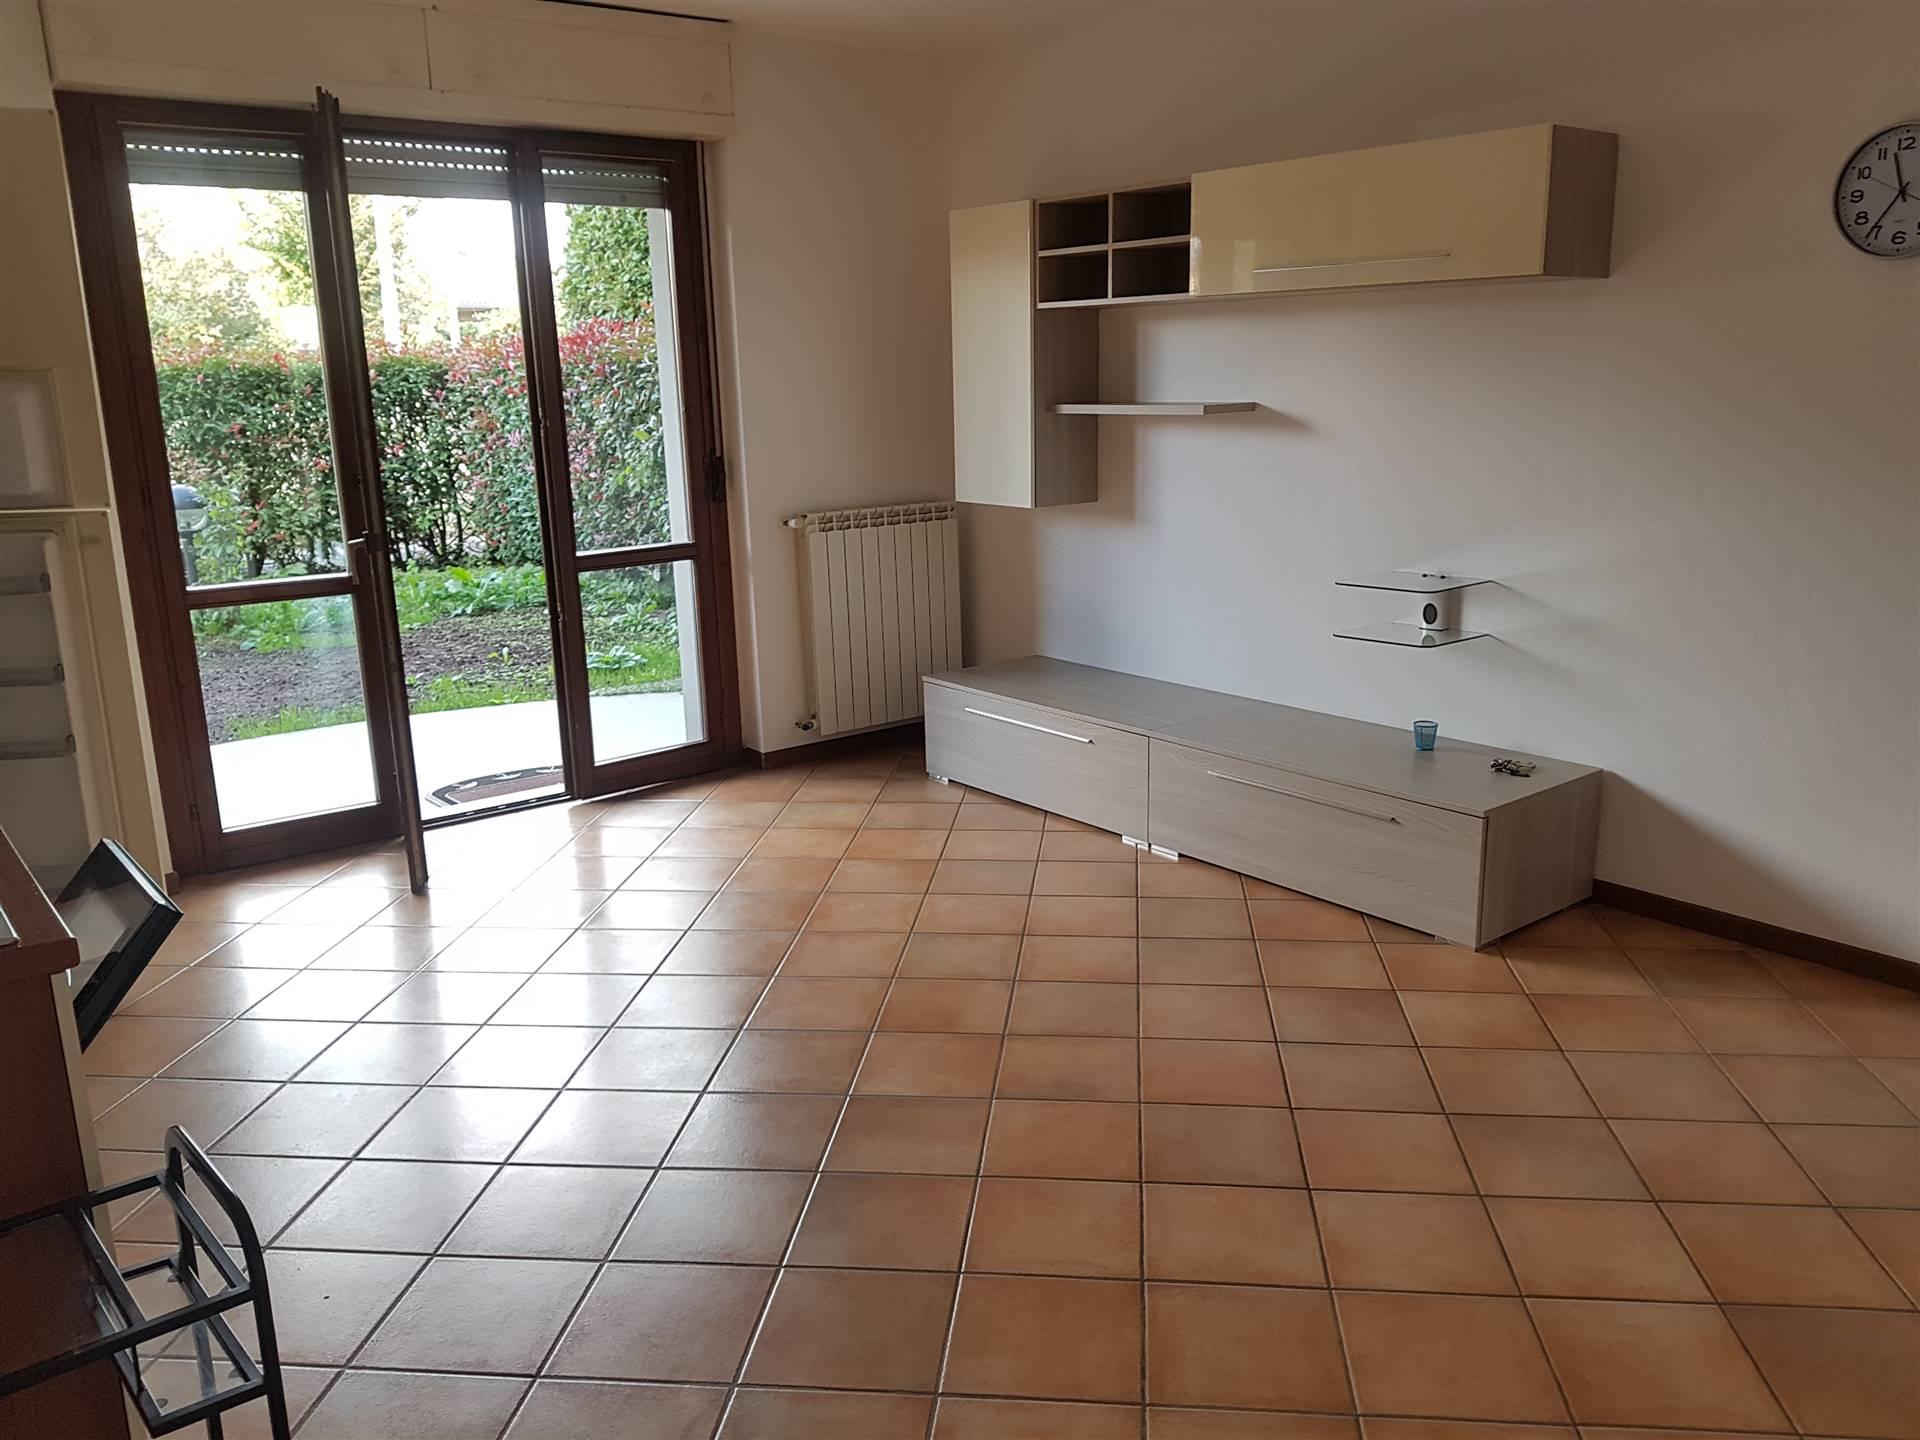 Appartamento in affitto a Trezzano Rosa, 2 locali, prezzo € 600   CambioCasa.it